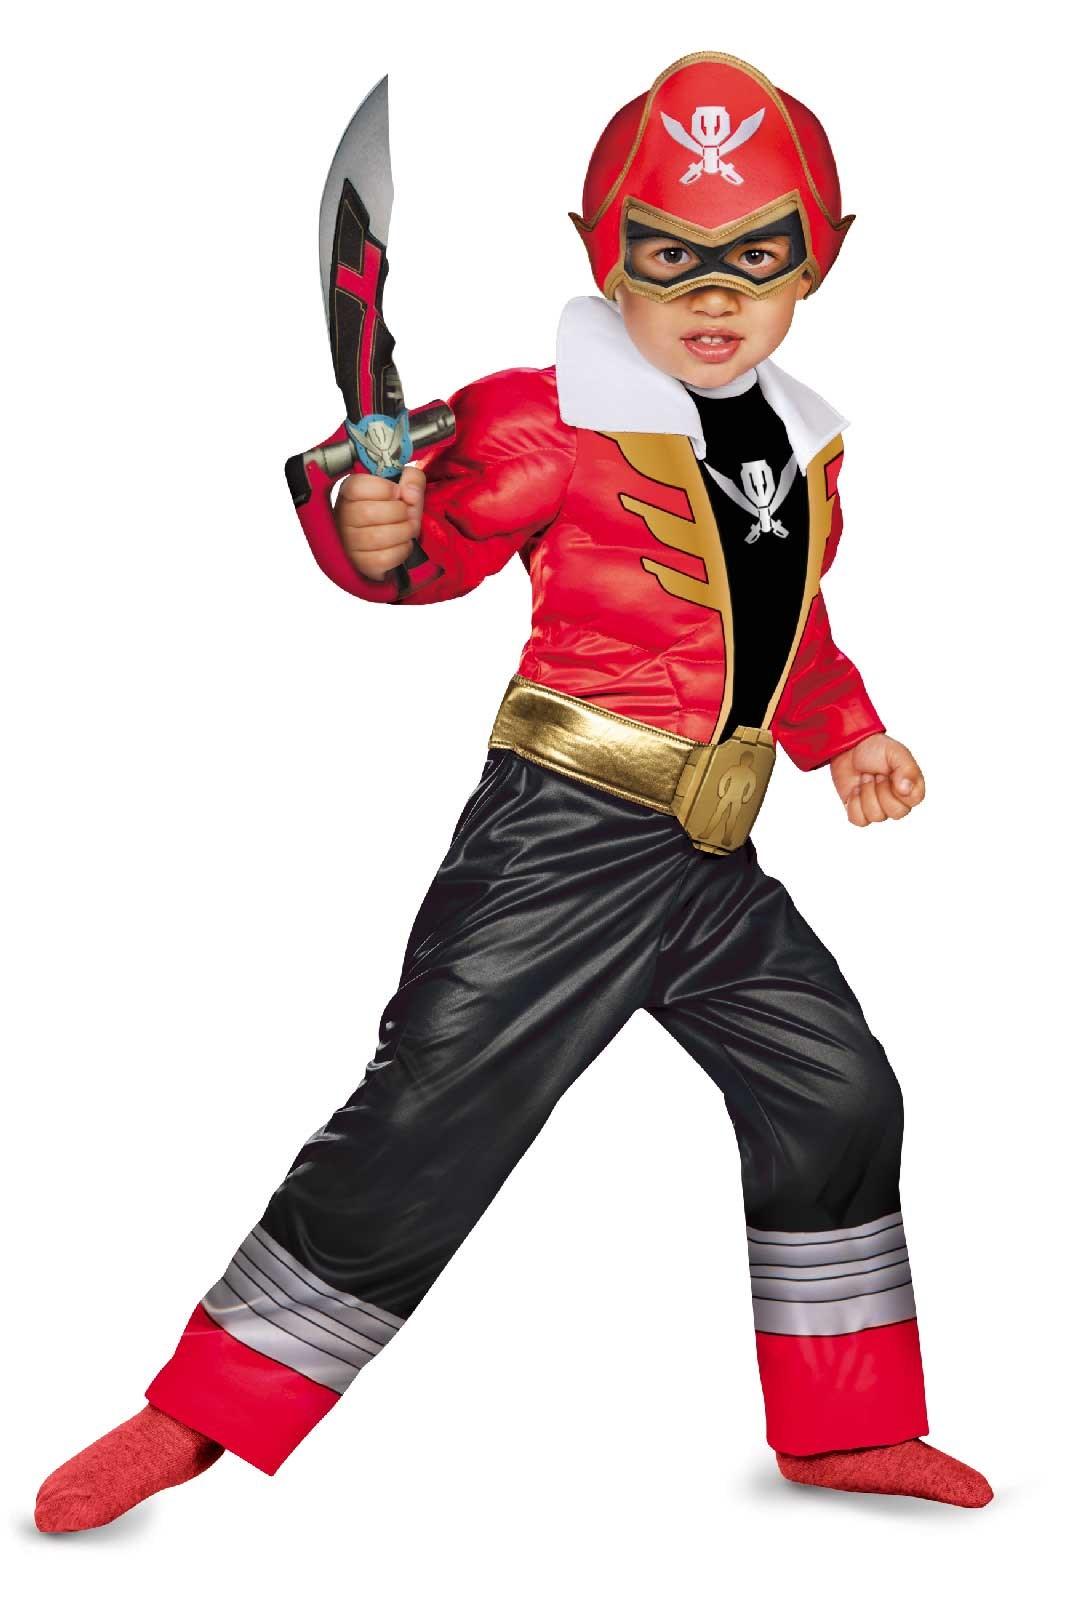 Power Ranger Super Megaforce - Red Ranger Toddler / Child Muscle Costume 3T-4T